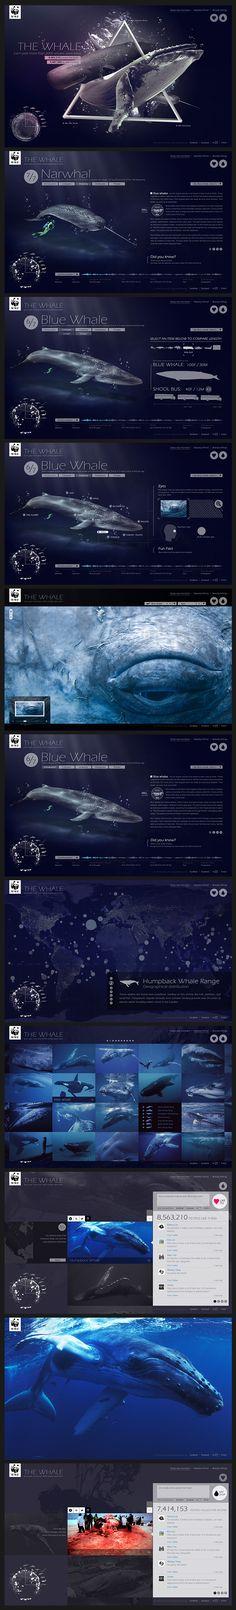 http://media-cache-ec3.pinimg.com/originals/85/da/12/85da1270d221eca24dfb75f942cd323b.jpg